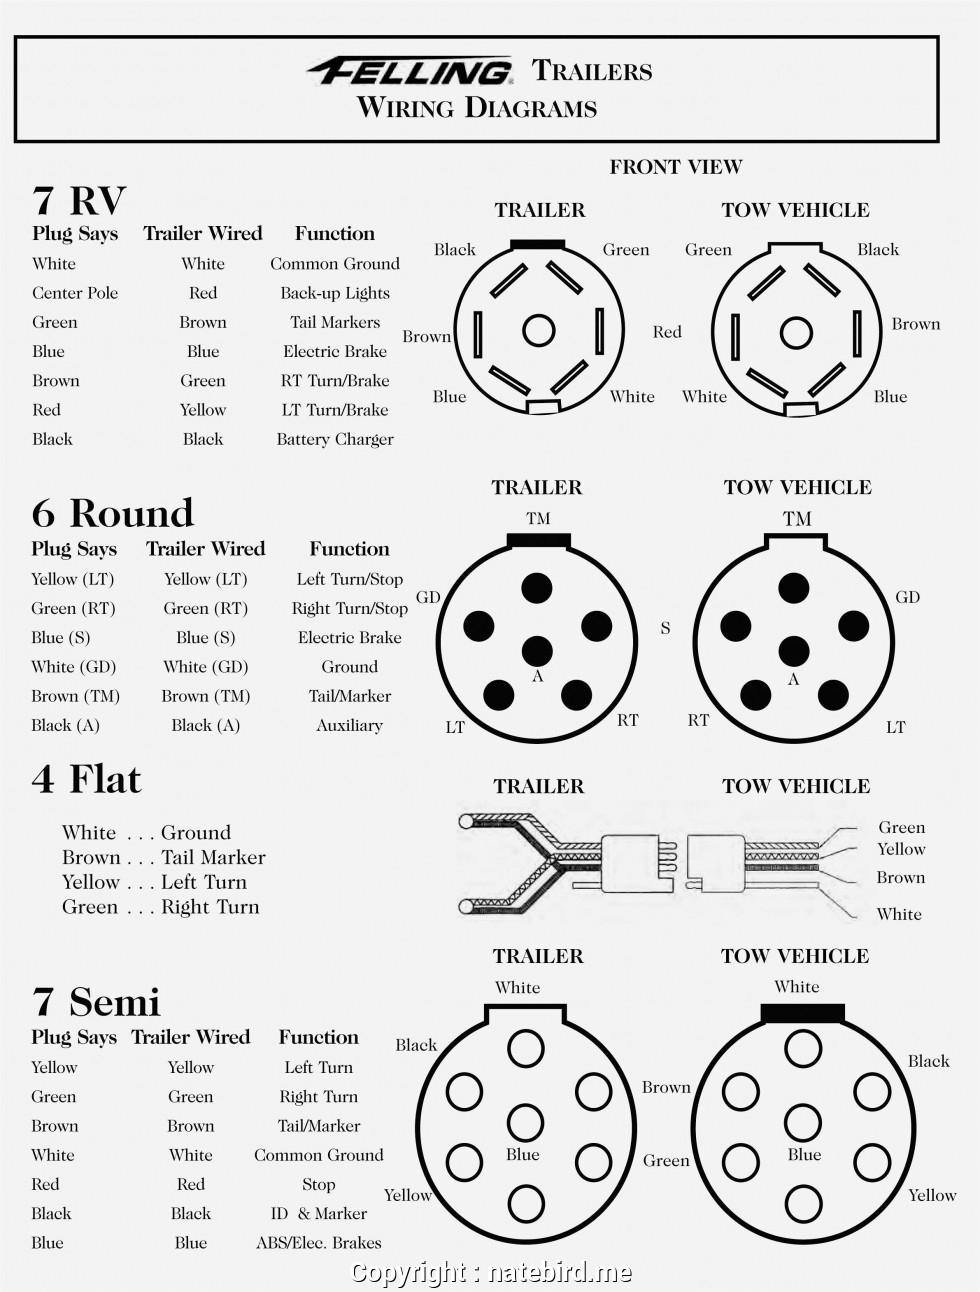 [DIAGRAM_5UK]  FV_8805] Semi Truck Pigtail Wiring Diagram Wiring Diagram | Truck To Trailer Wiring Diagram |  | Ariot Perm Bapap Sand Sapebe Mohammedshrine Librar Wiring 101